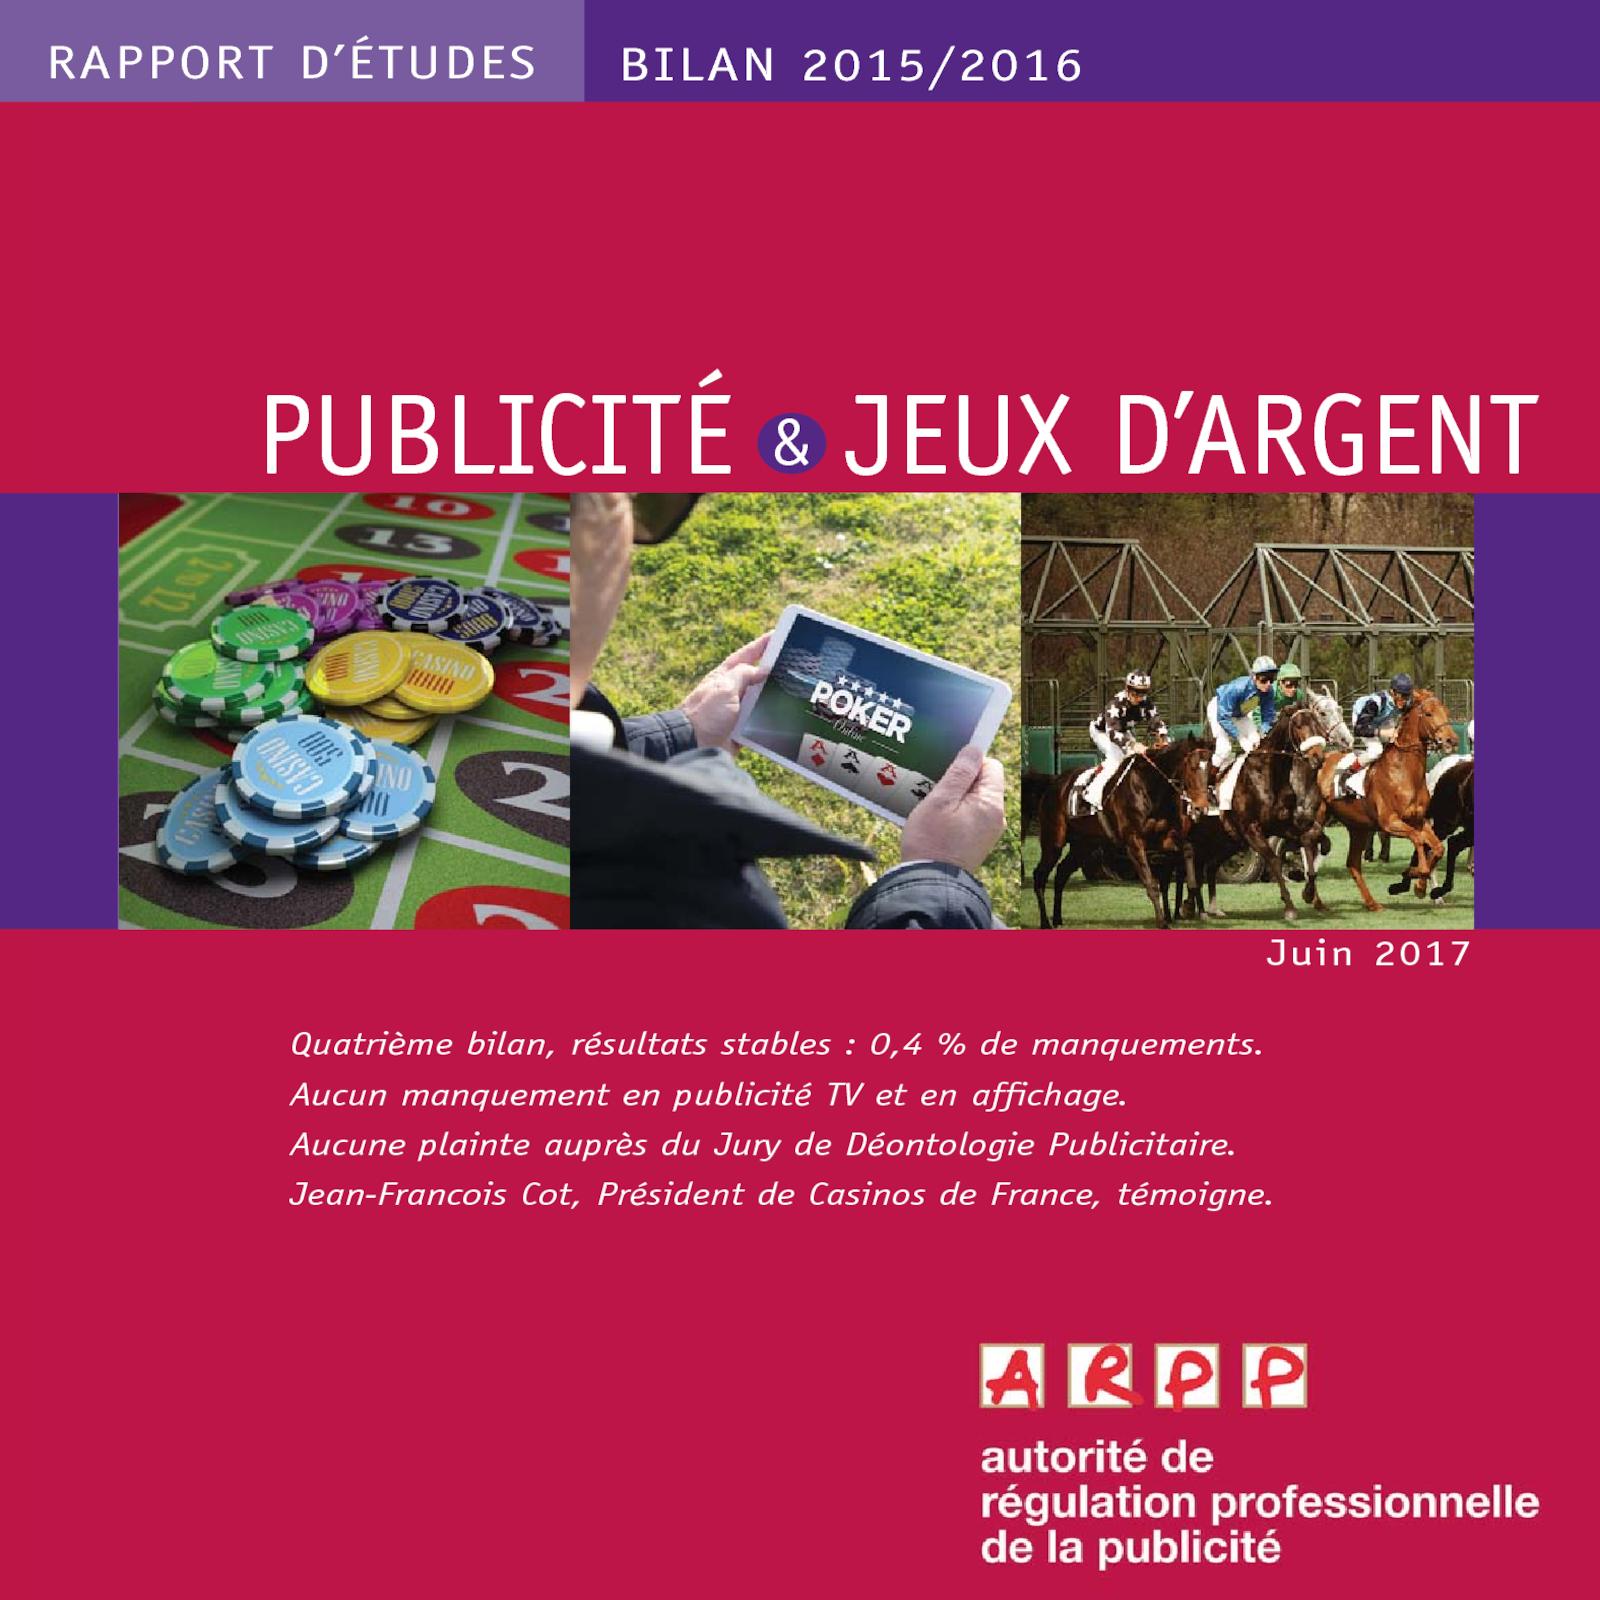 Bilan publicité et Jeux d'argent 2015-2016